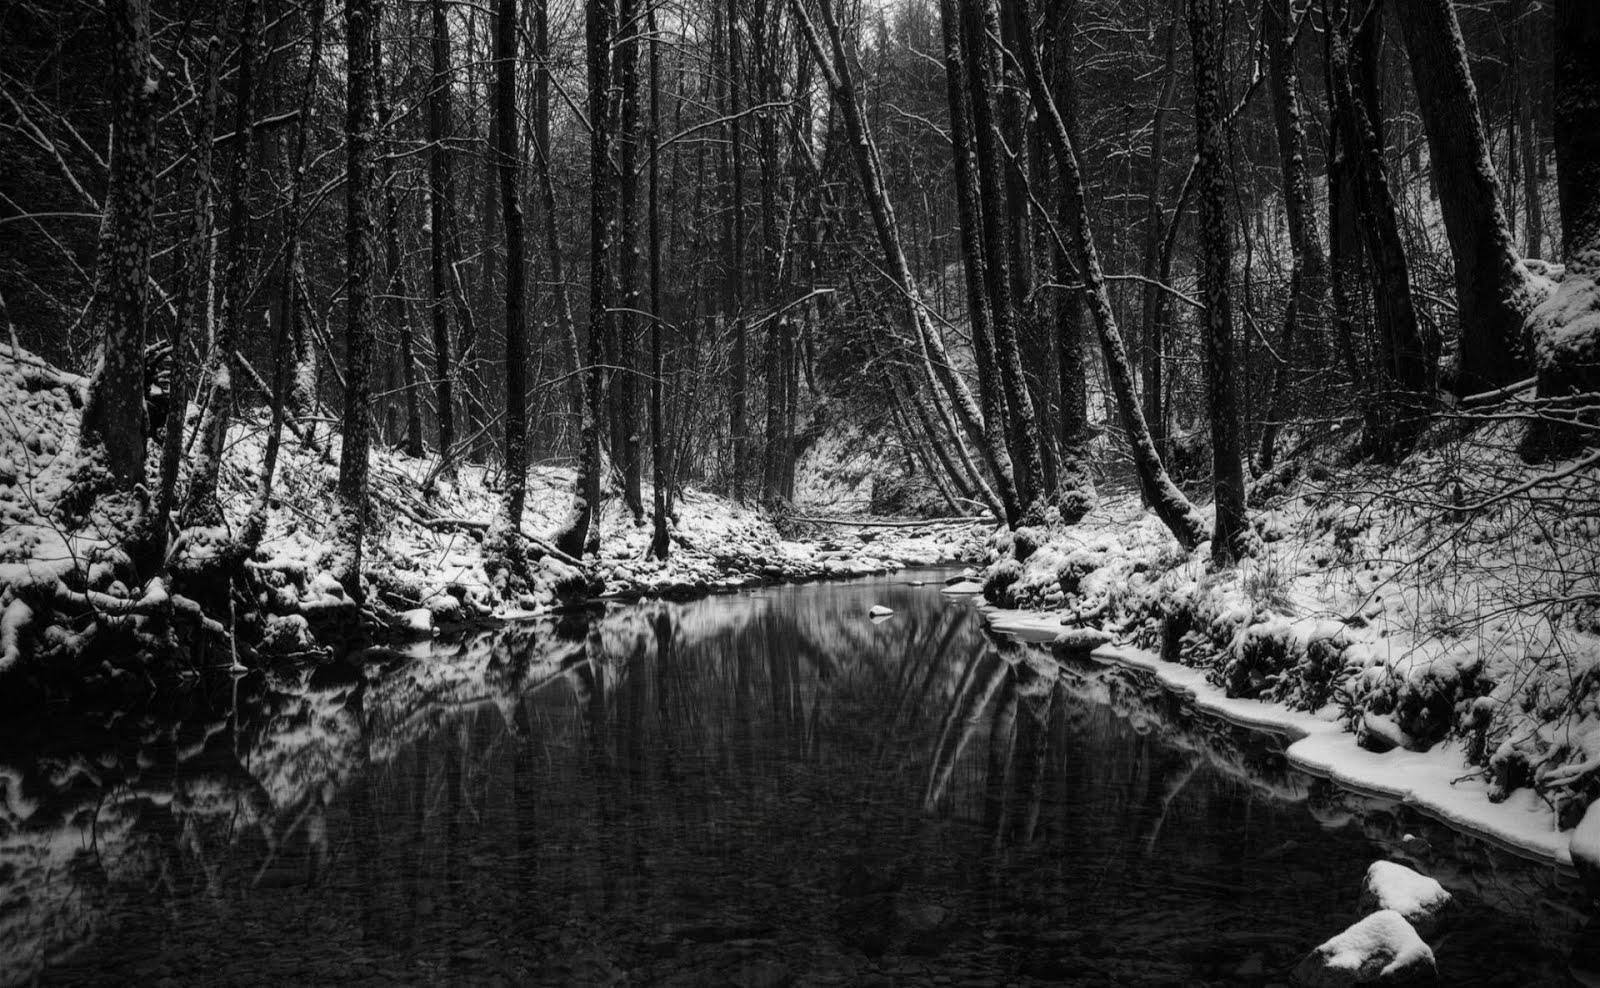 Dark Winter Forest Wallpaper